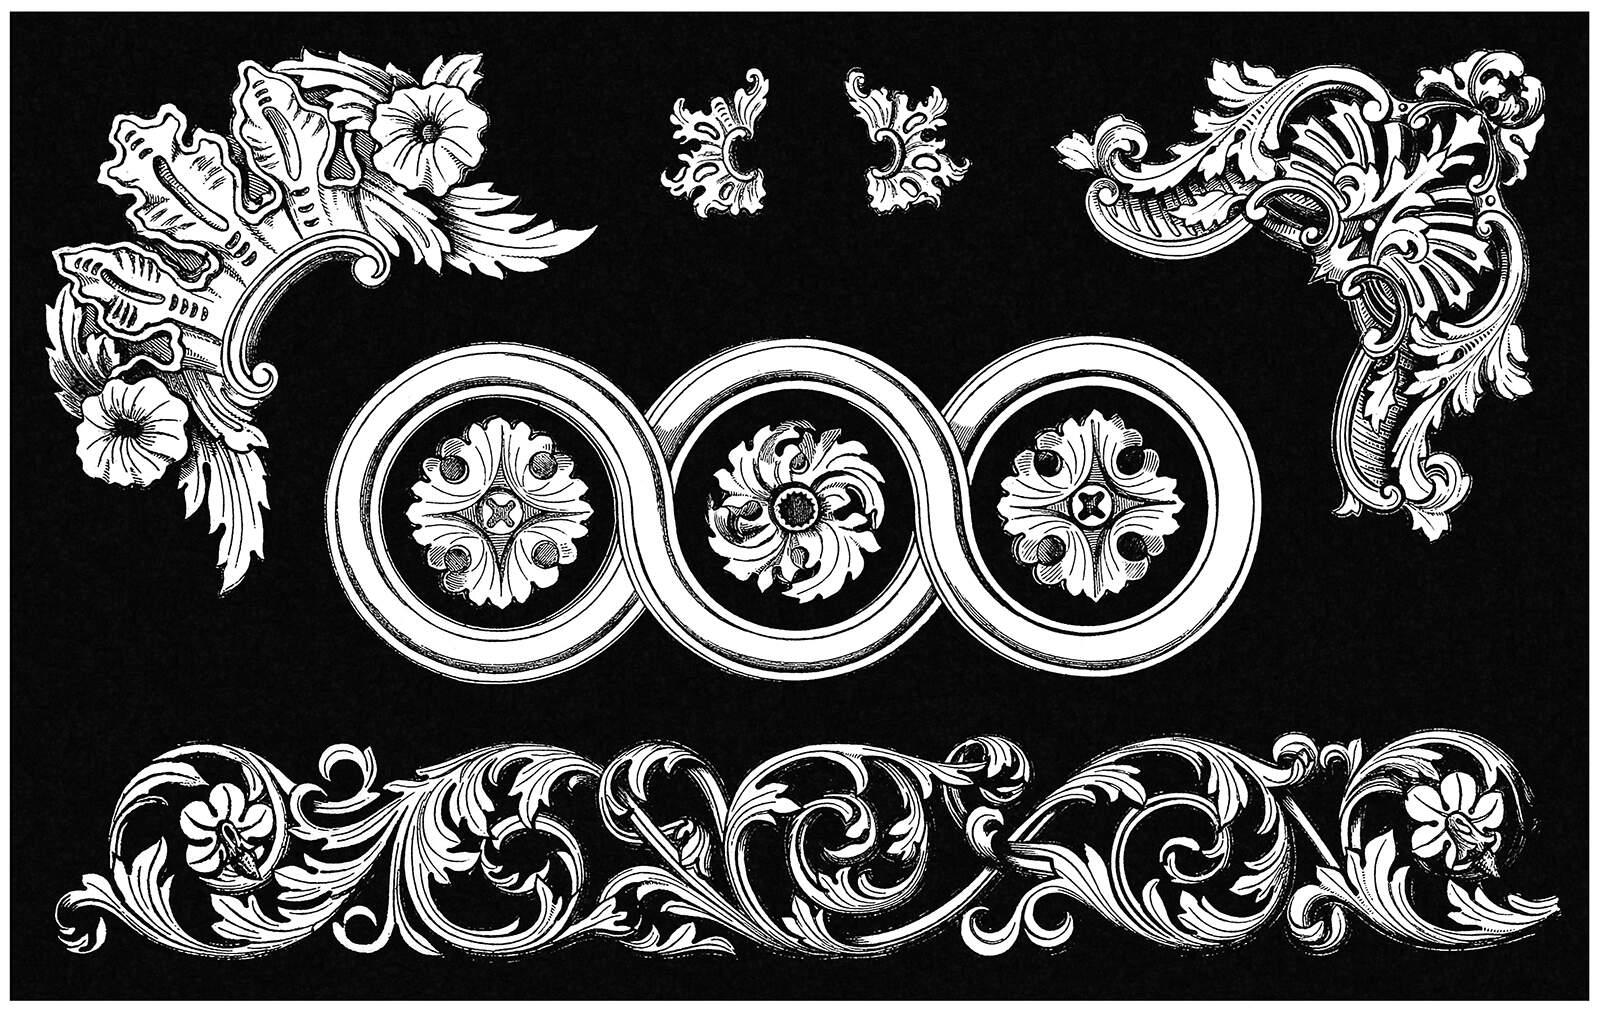 scroll-book-13-1600.jpg (1600×1016)